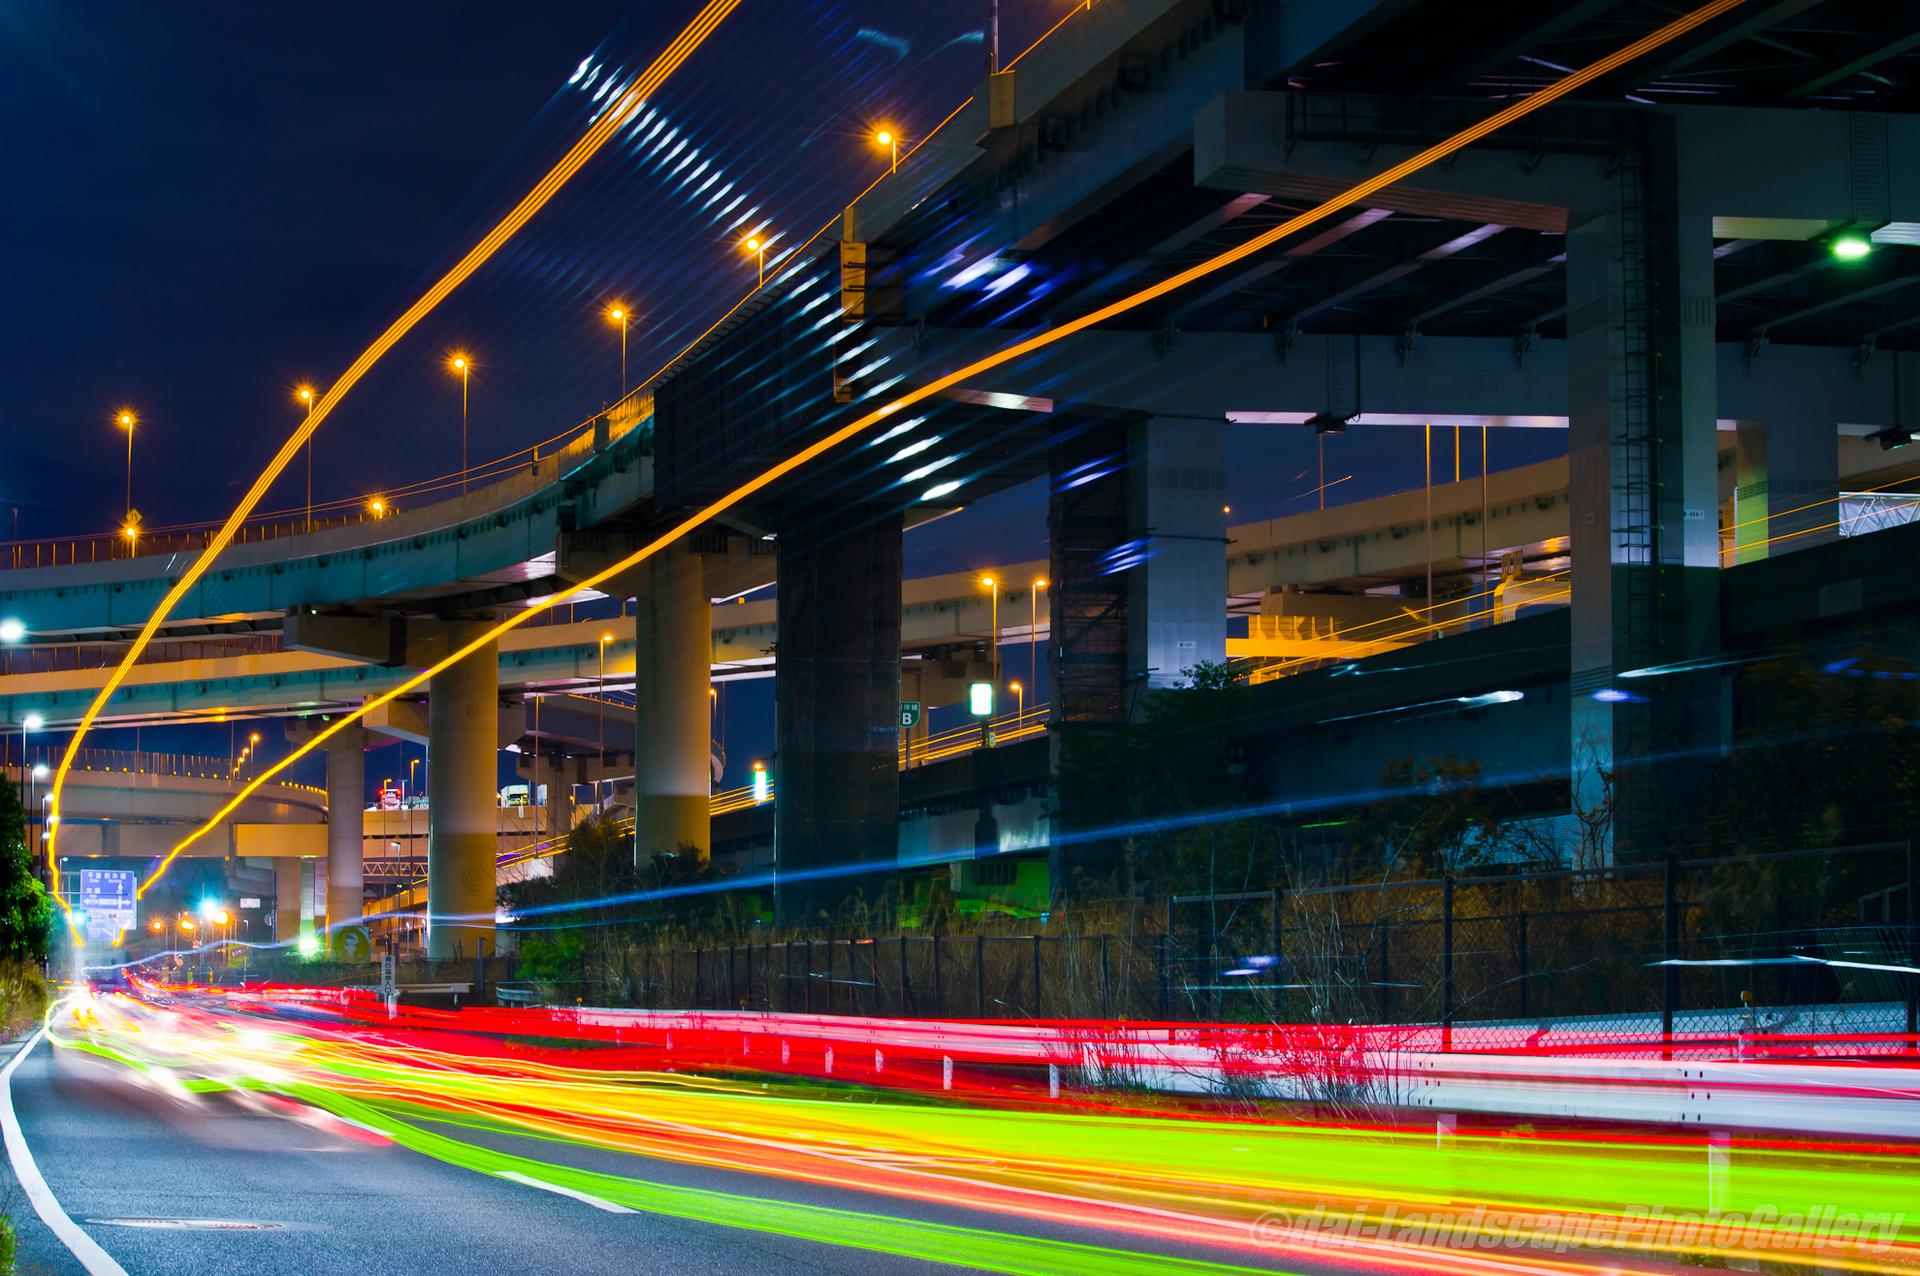 東京湾岸道路 辰巳ジャンクション付近の夜景